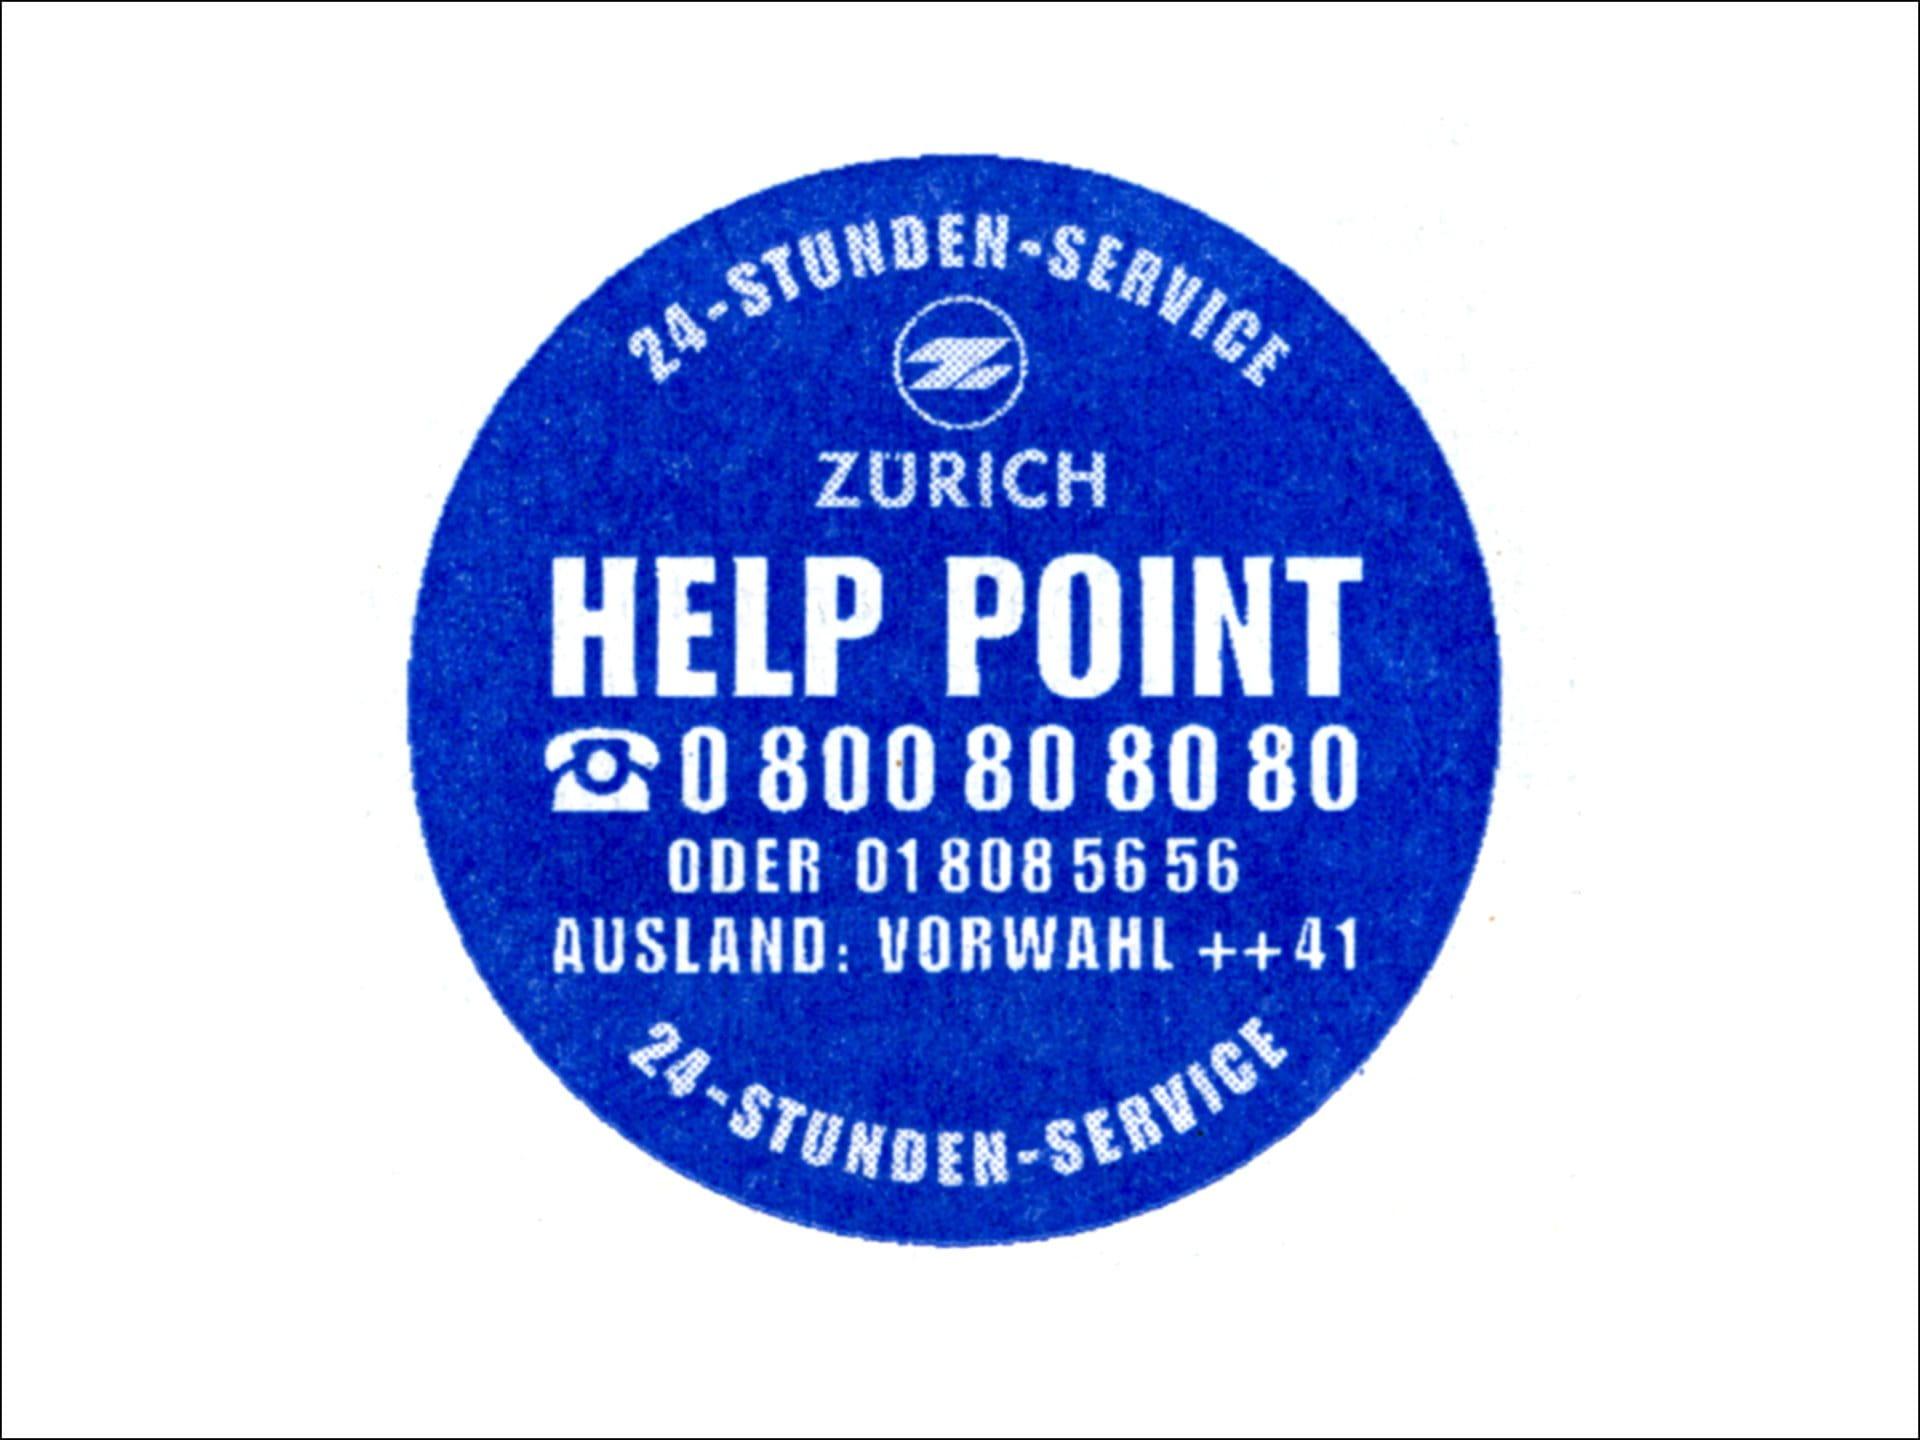 1997: Introduzione degli Help Point